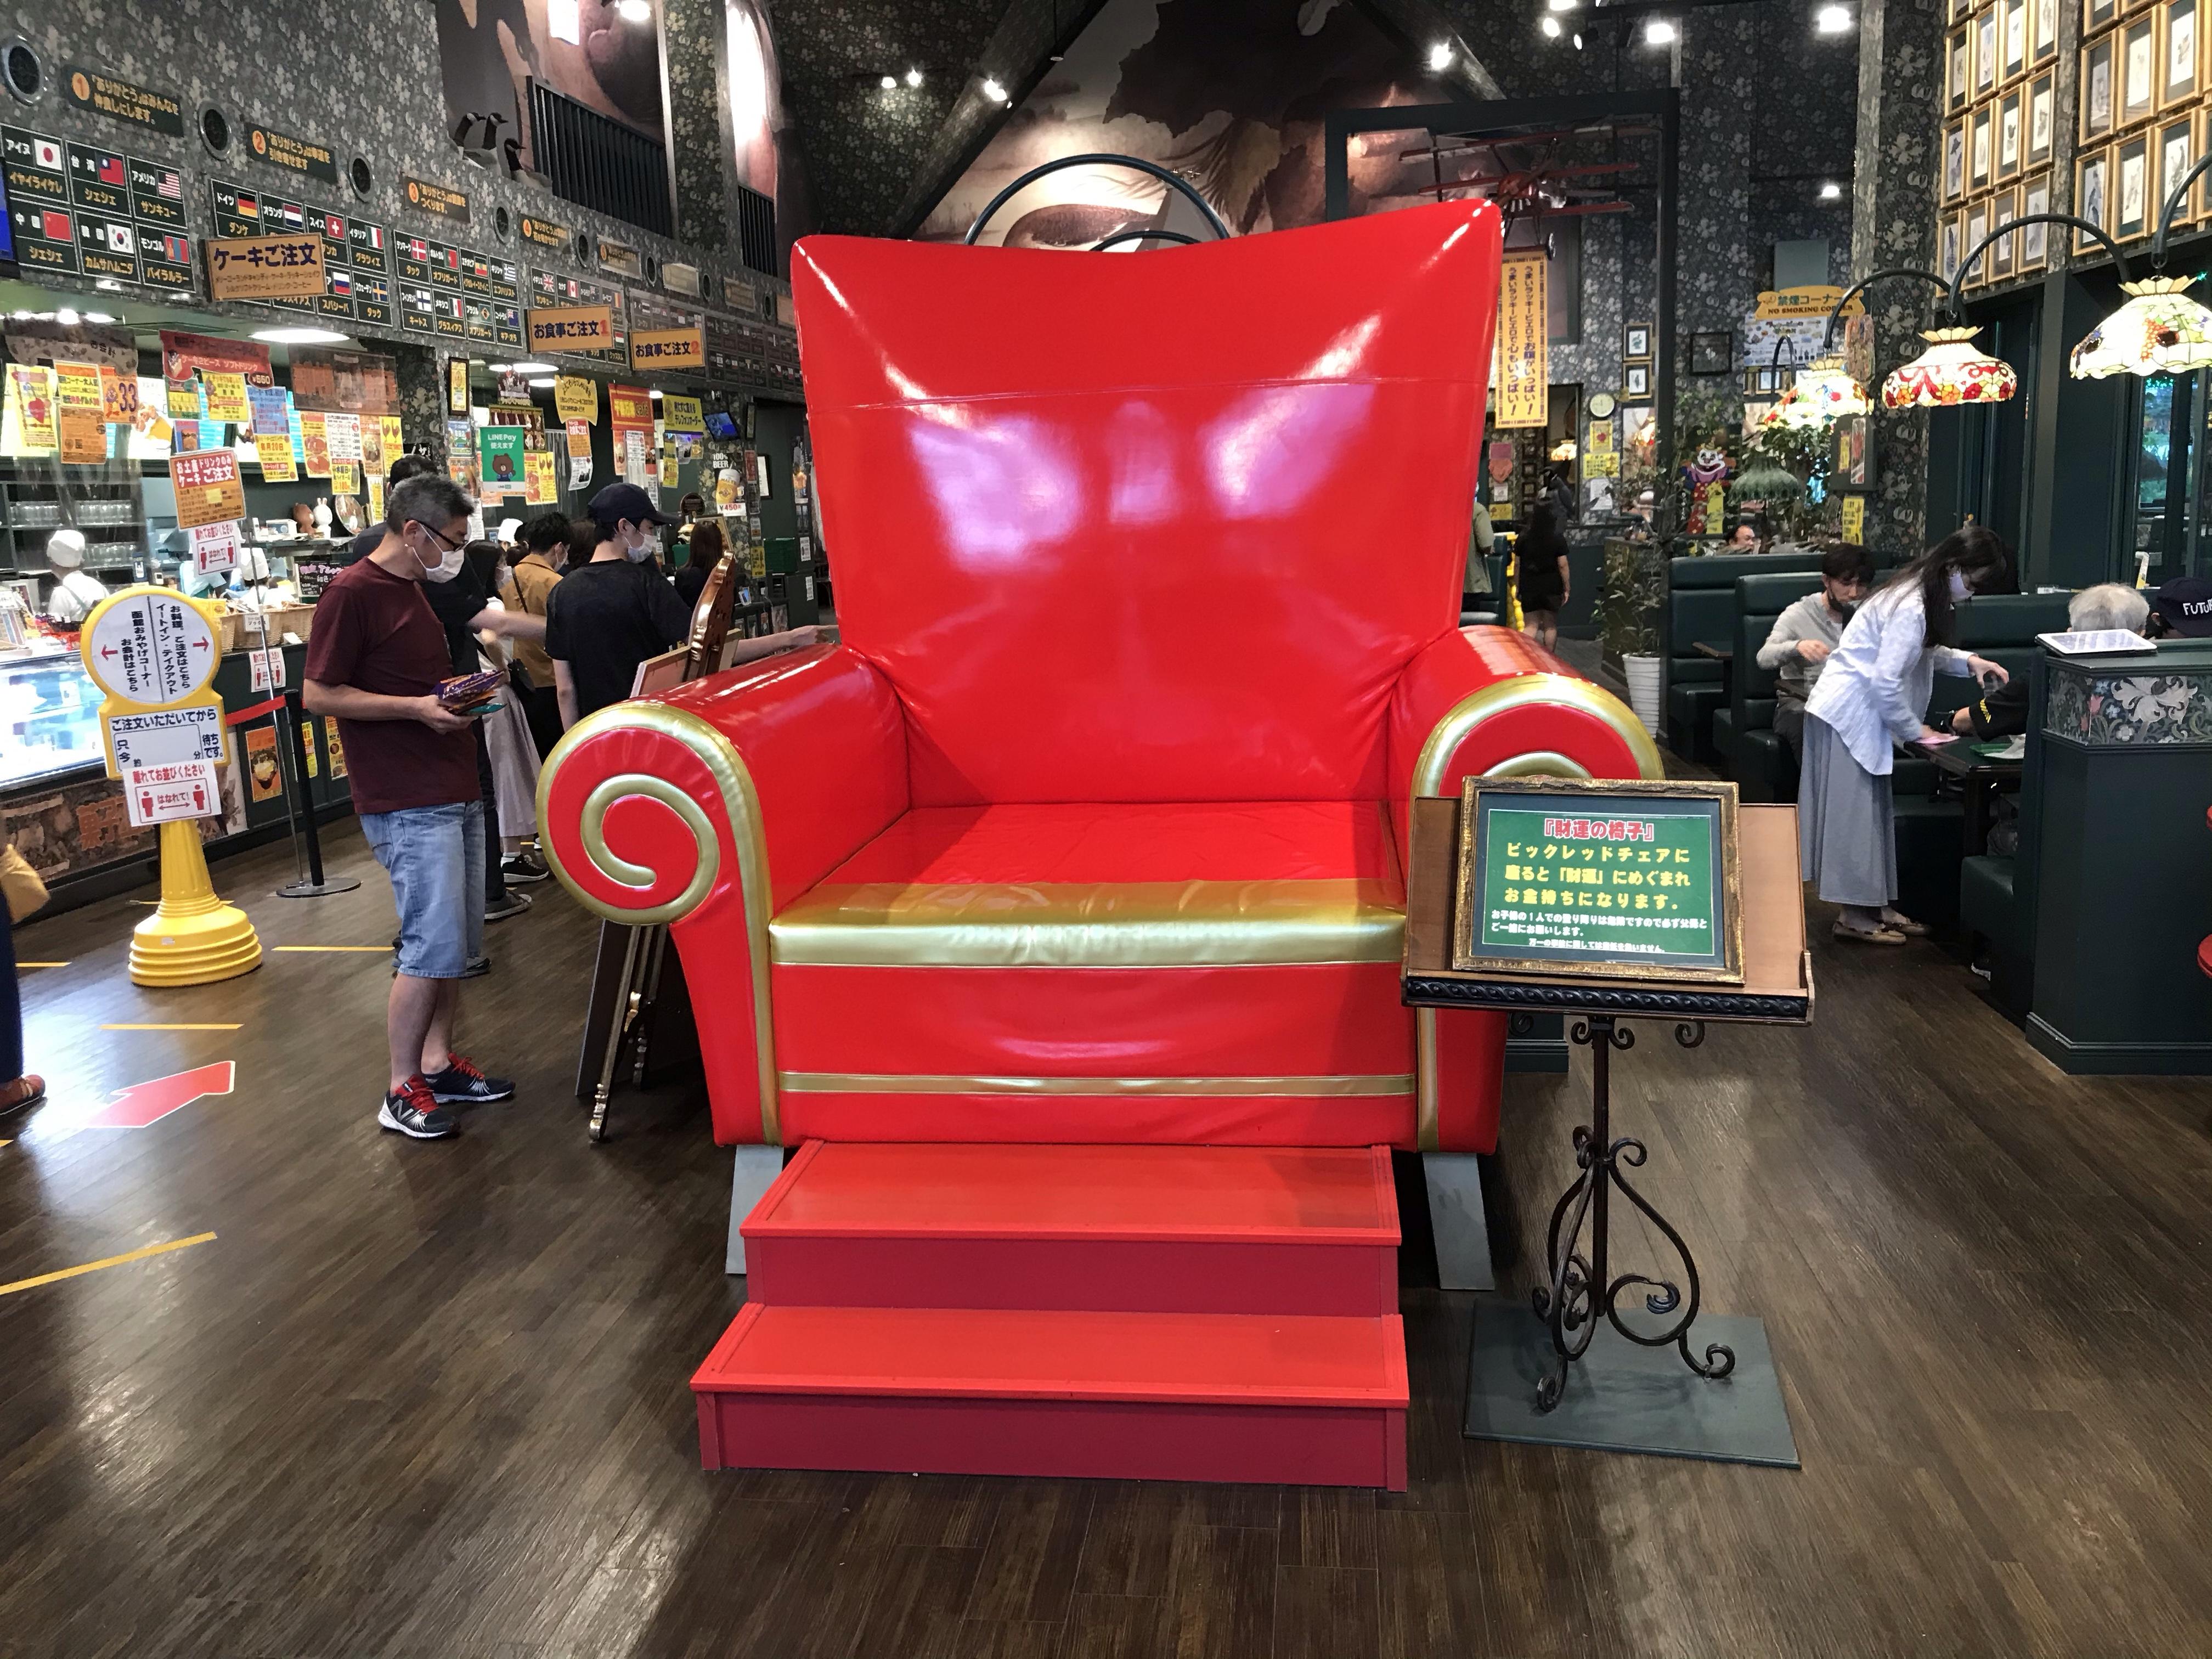 ラッキーピエロ峠下総本店にある財運上昇の巨大椅子